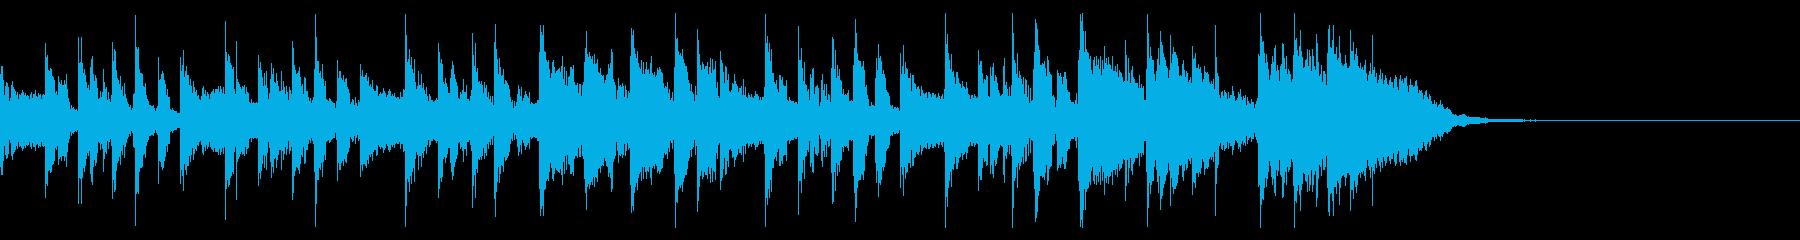 ギターのおしゃれなジングルの再生済みの波形